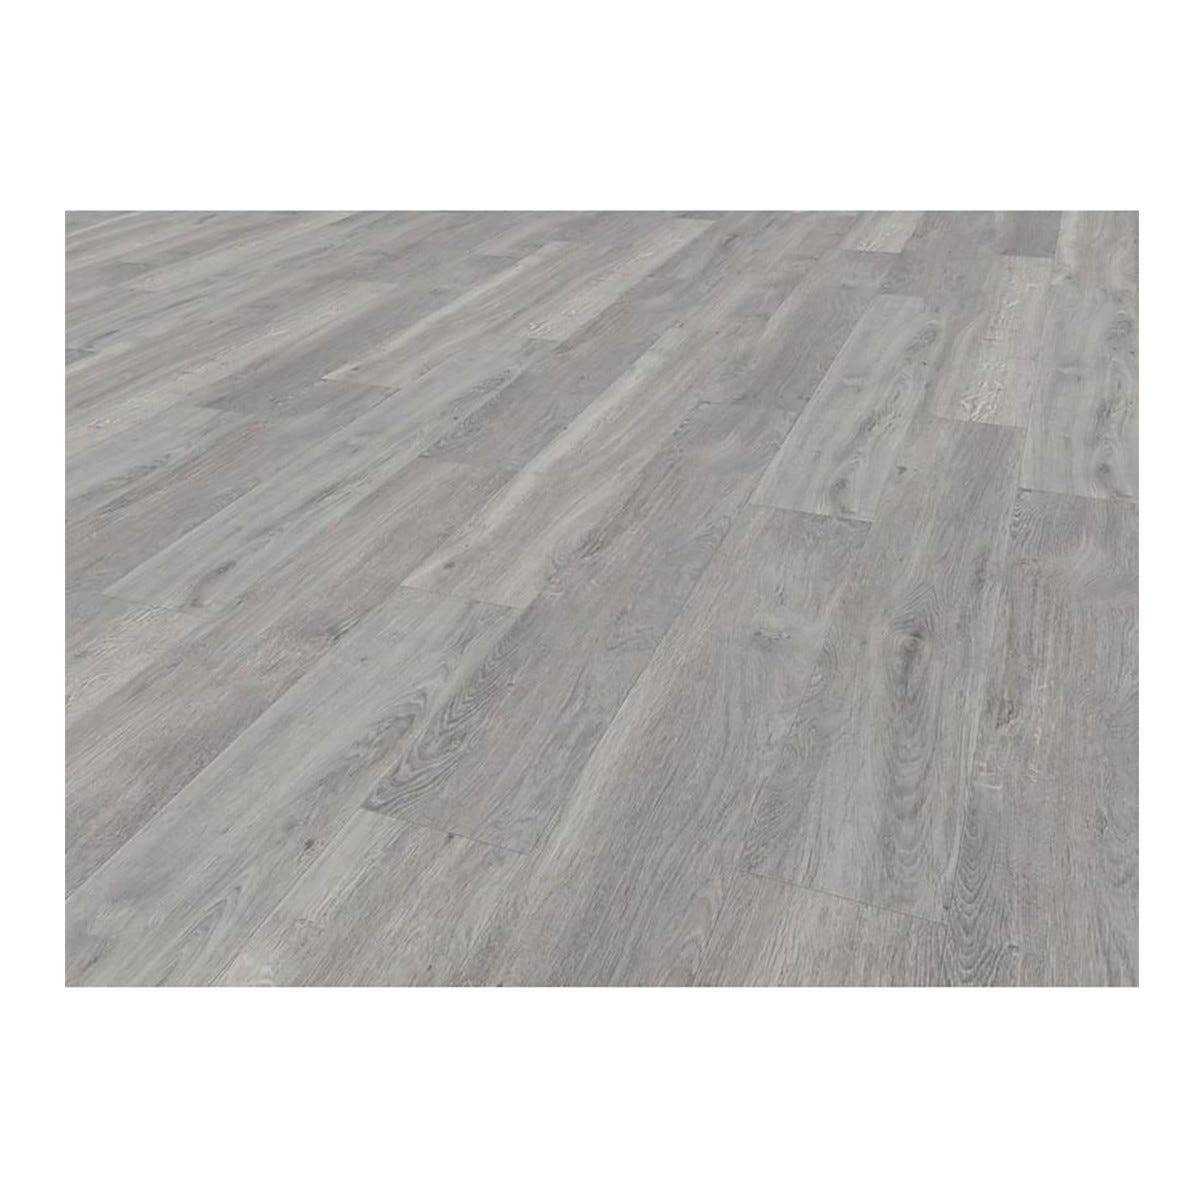 GERFLOR Pavimento Pvc Click  20,4x123,9 Senso Prem Grey 20,4x123,9 Stecca Da 2,02 M²/pacco